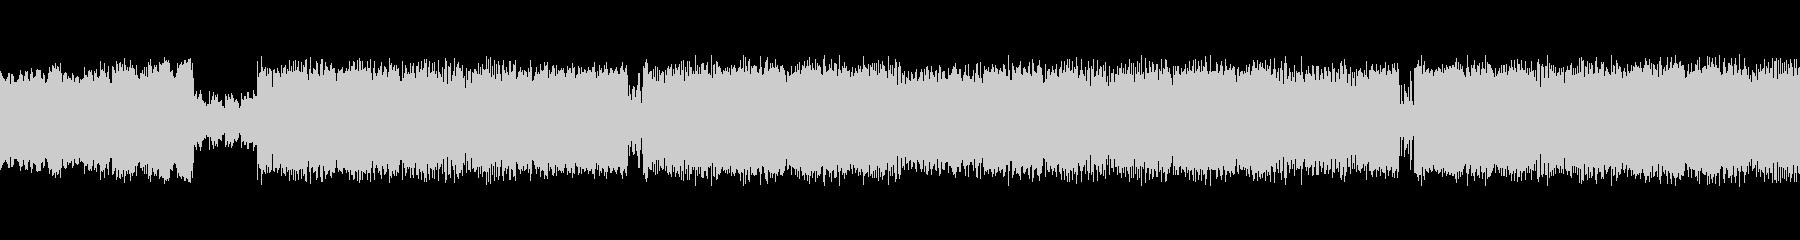 明るい和風EDMの未再生の波形